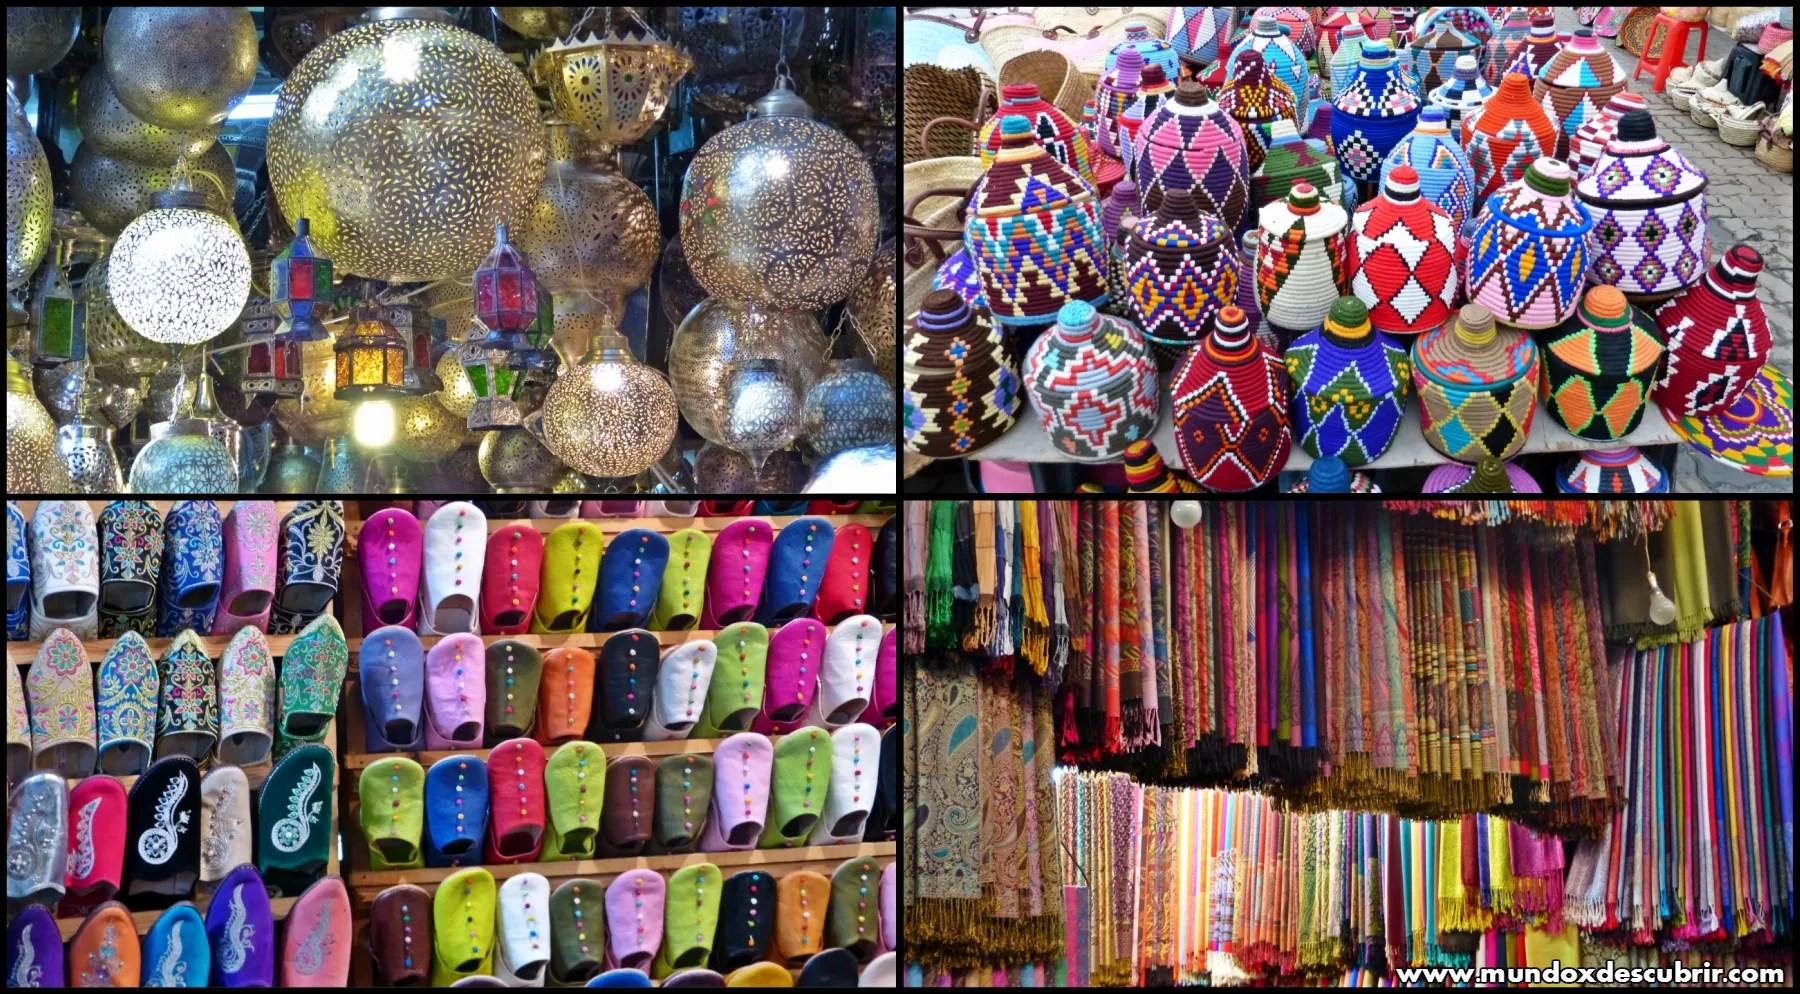 Marrakech la ciudad roja y m s bonita de marruecos - Fotos marrakech marruecos ...